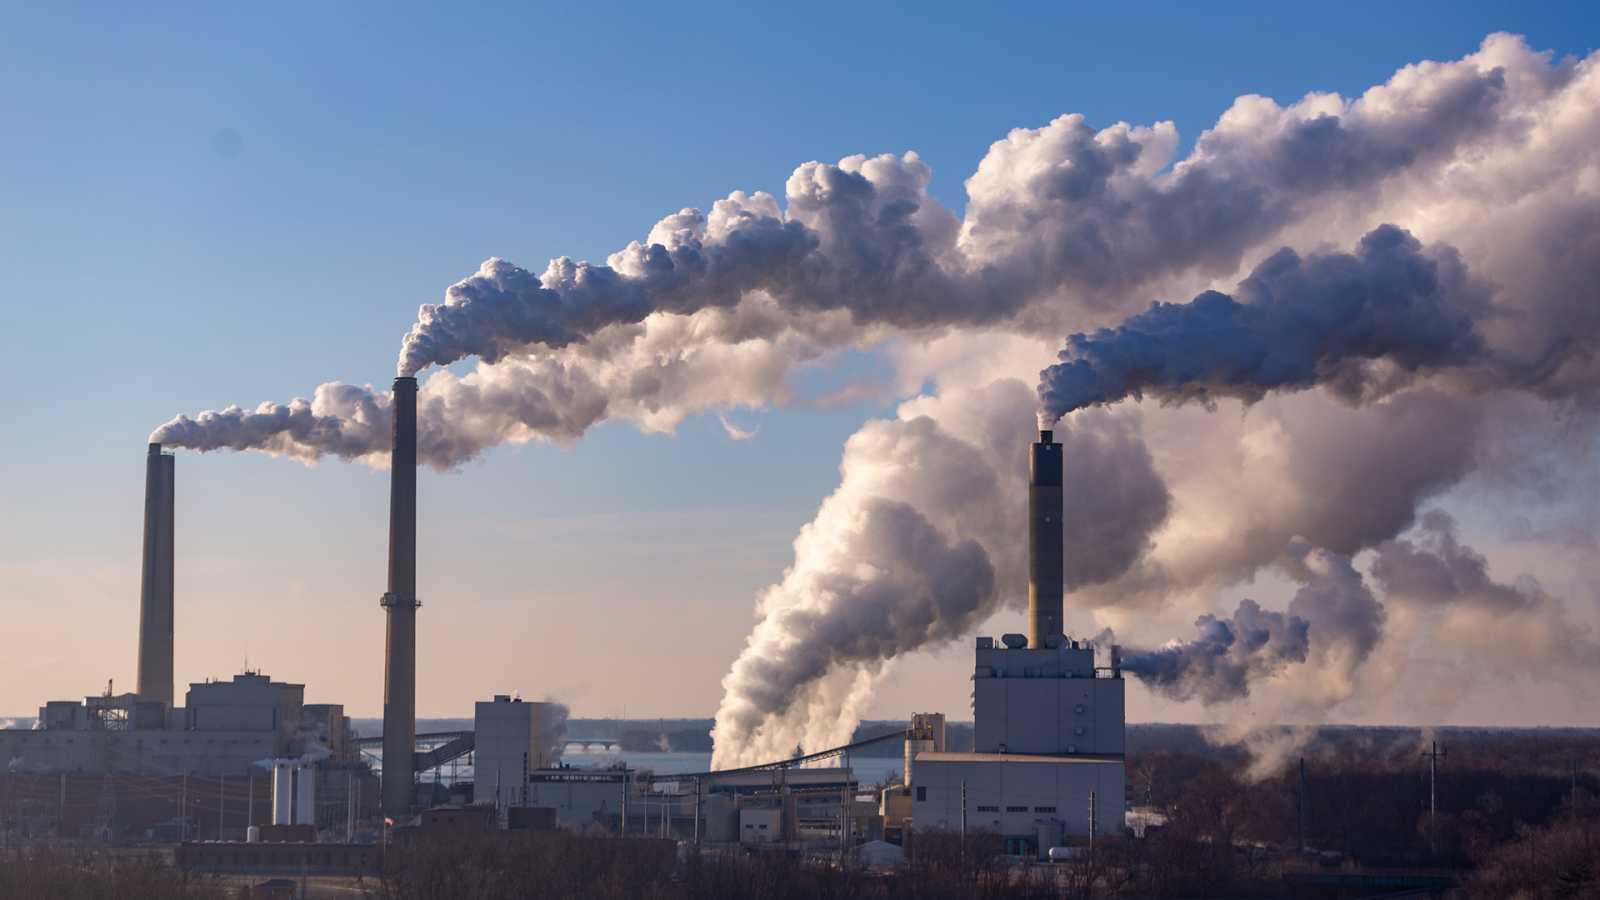 Europa abierta - Reducción de emisiones del 55 %, un objetivo alcanzable - escuchar ahora